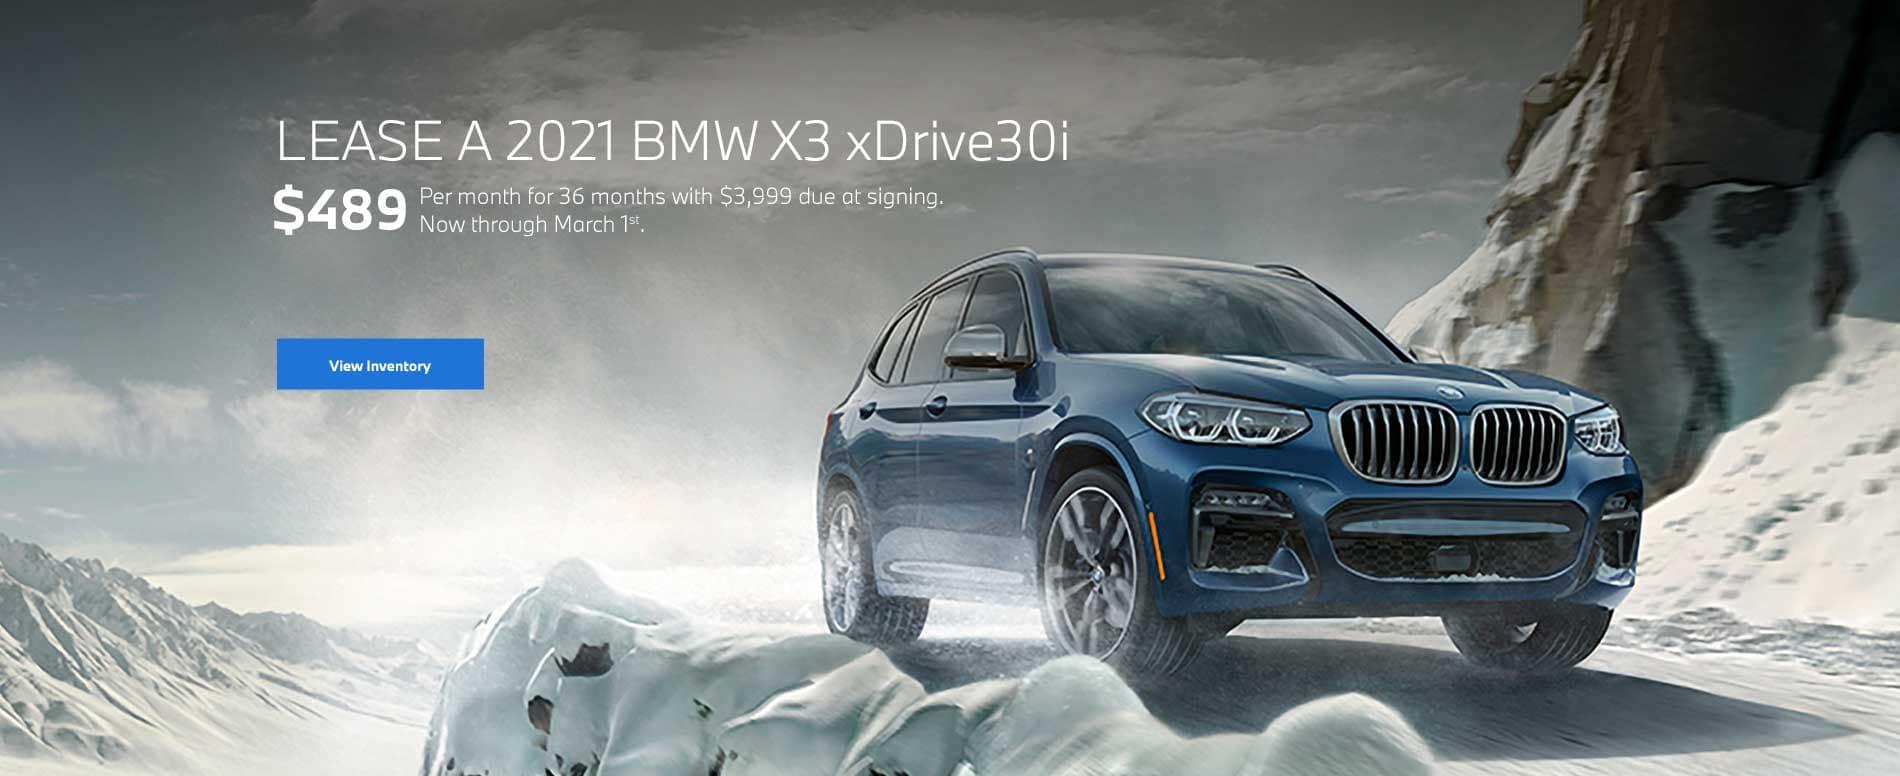 2021 BMW X3 Lease